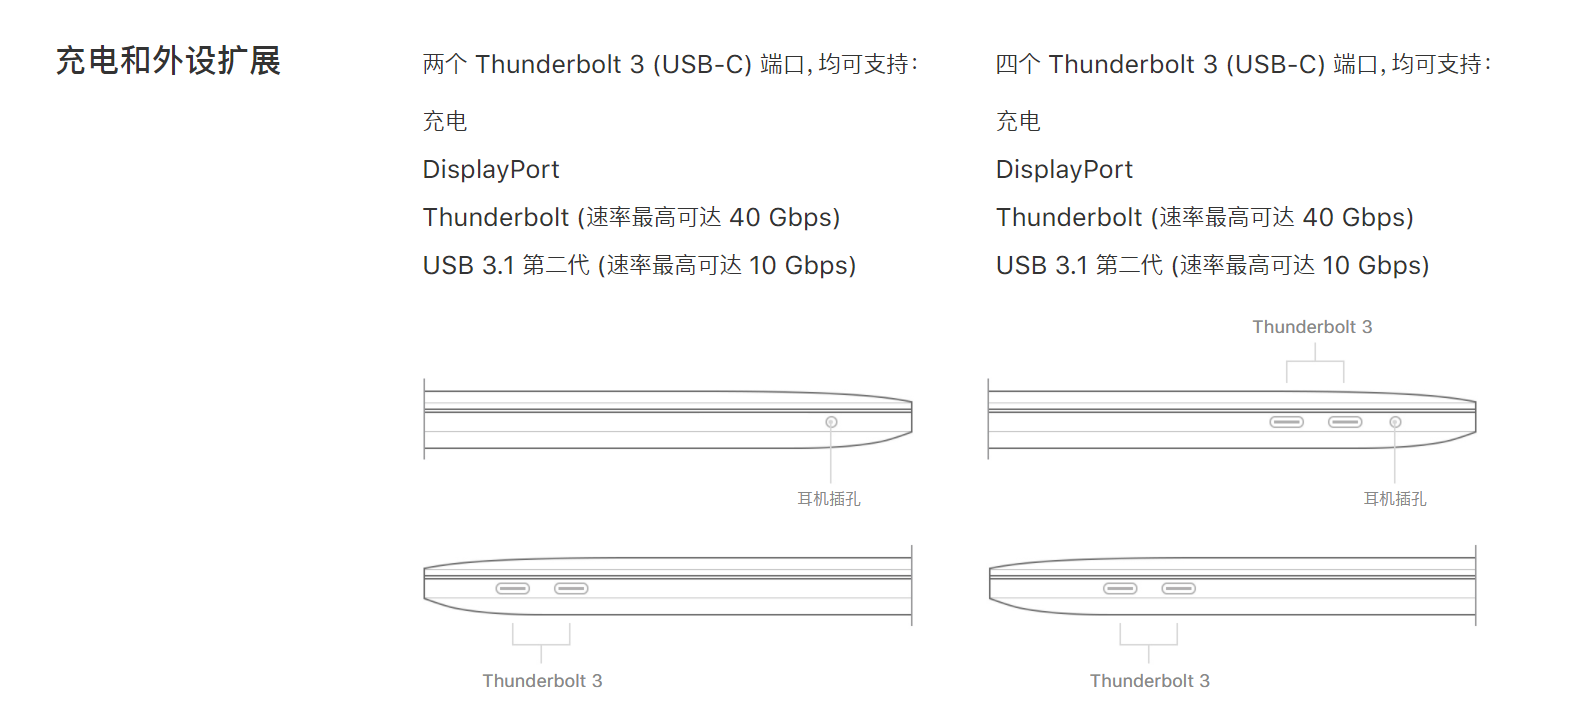 苹果官网对 MacBook Pro 2017 接口的描述